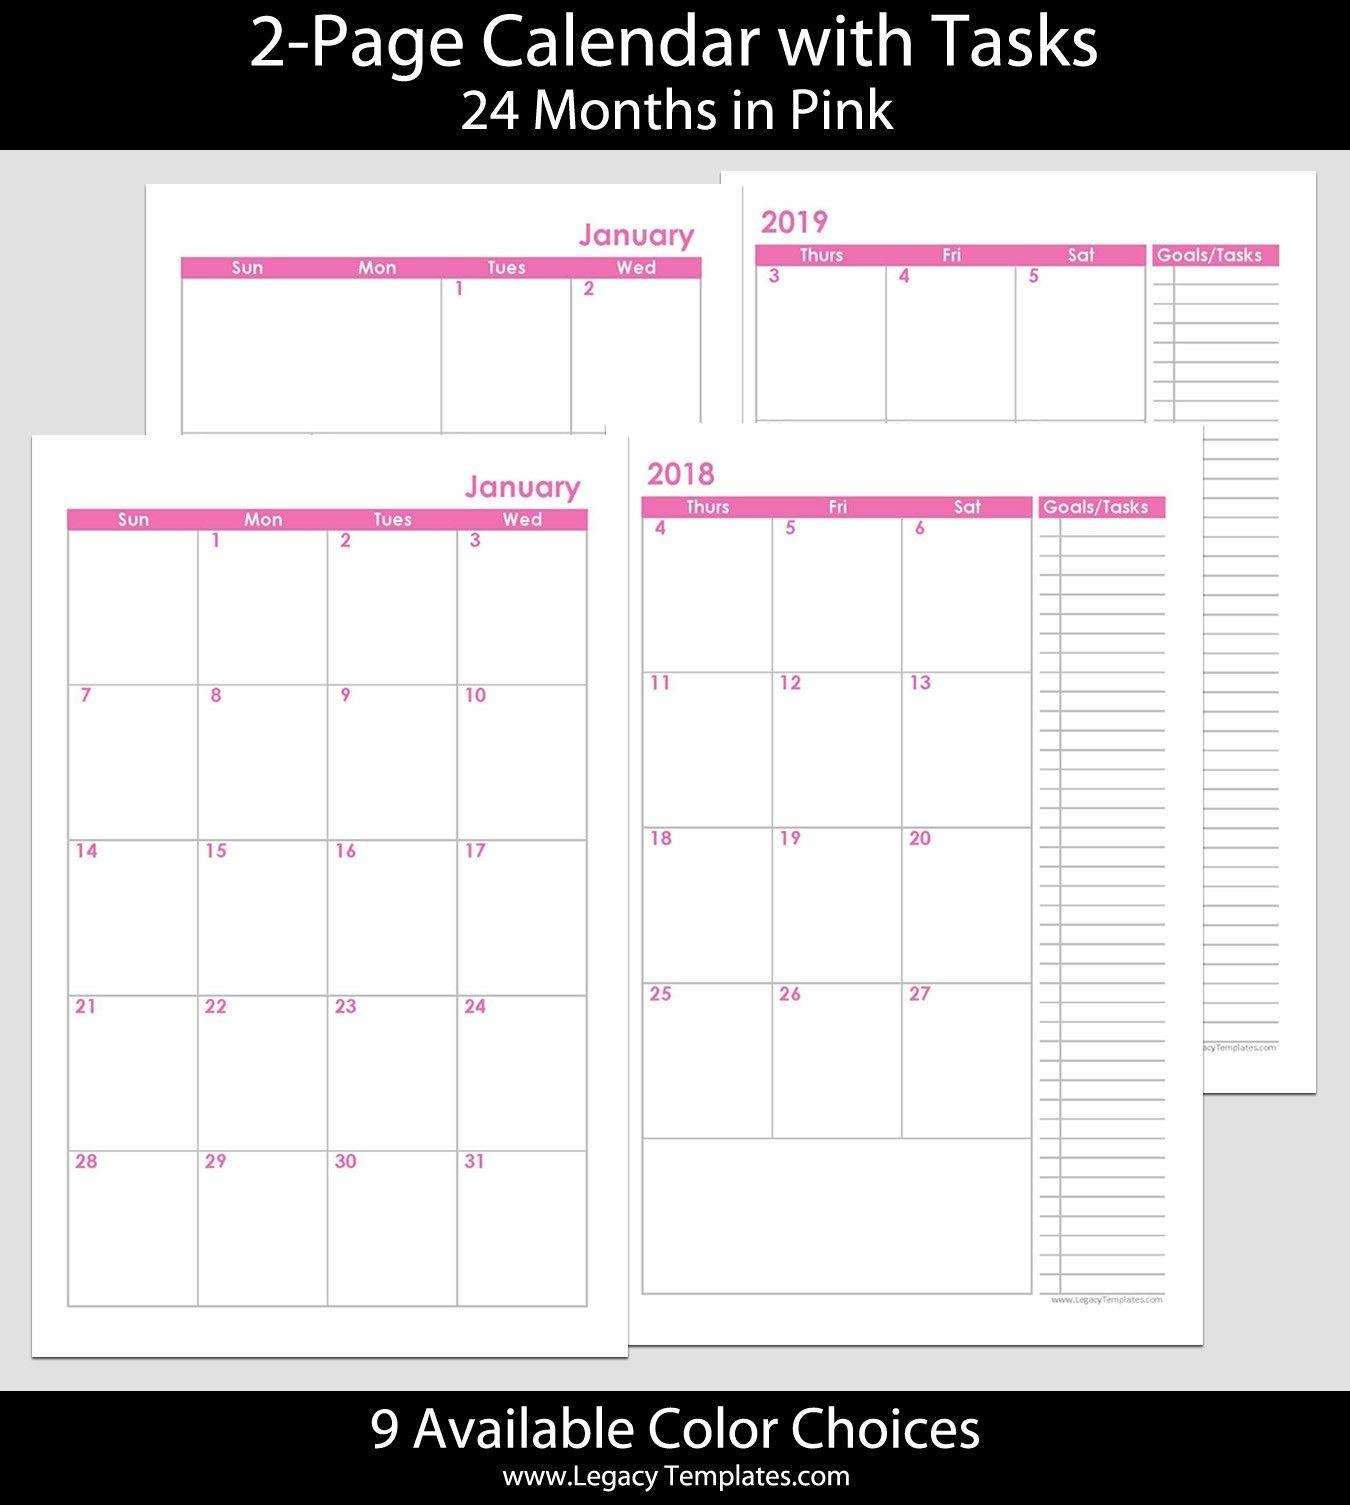 5.5 X 8.5 Planner Template Luxury 2018 & 2019 24 Months 2 Calendar Template 8.5 X 5.5